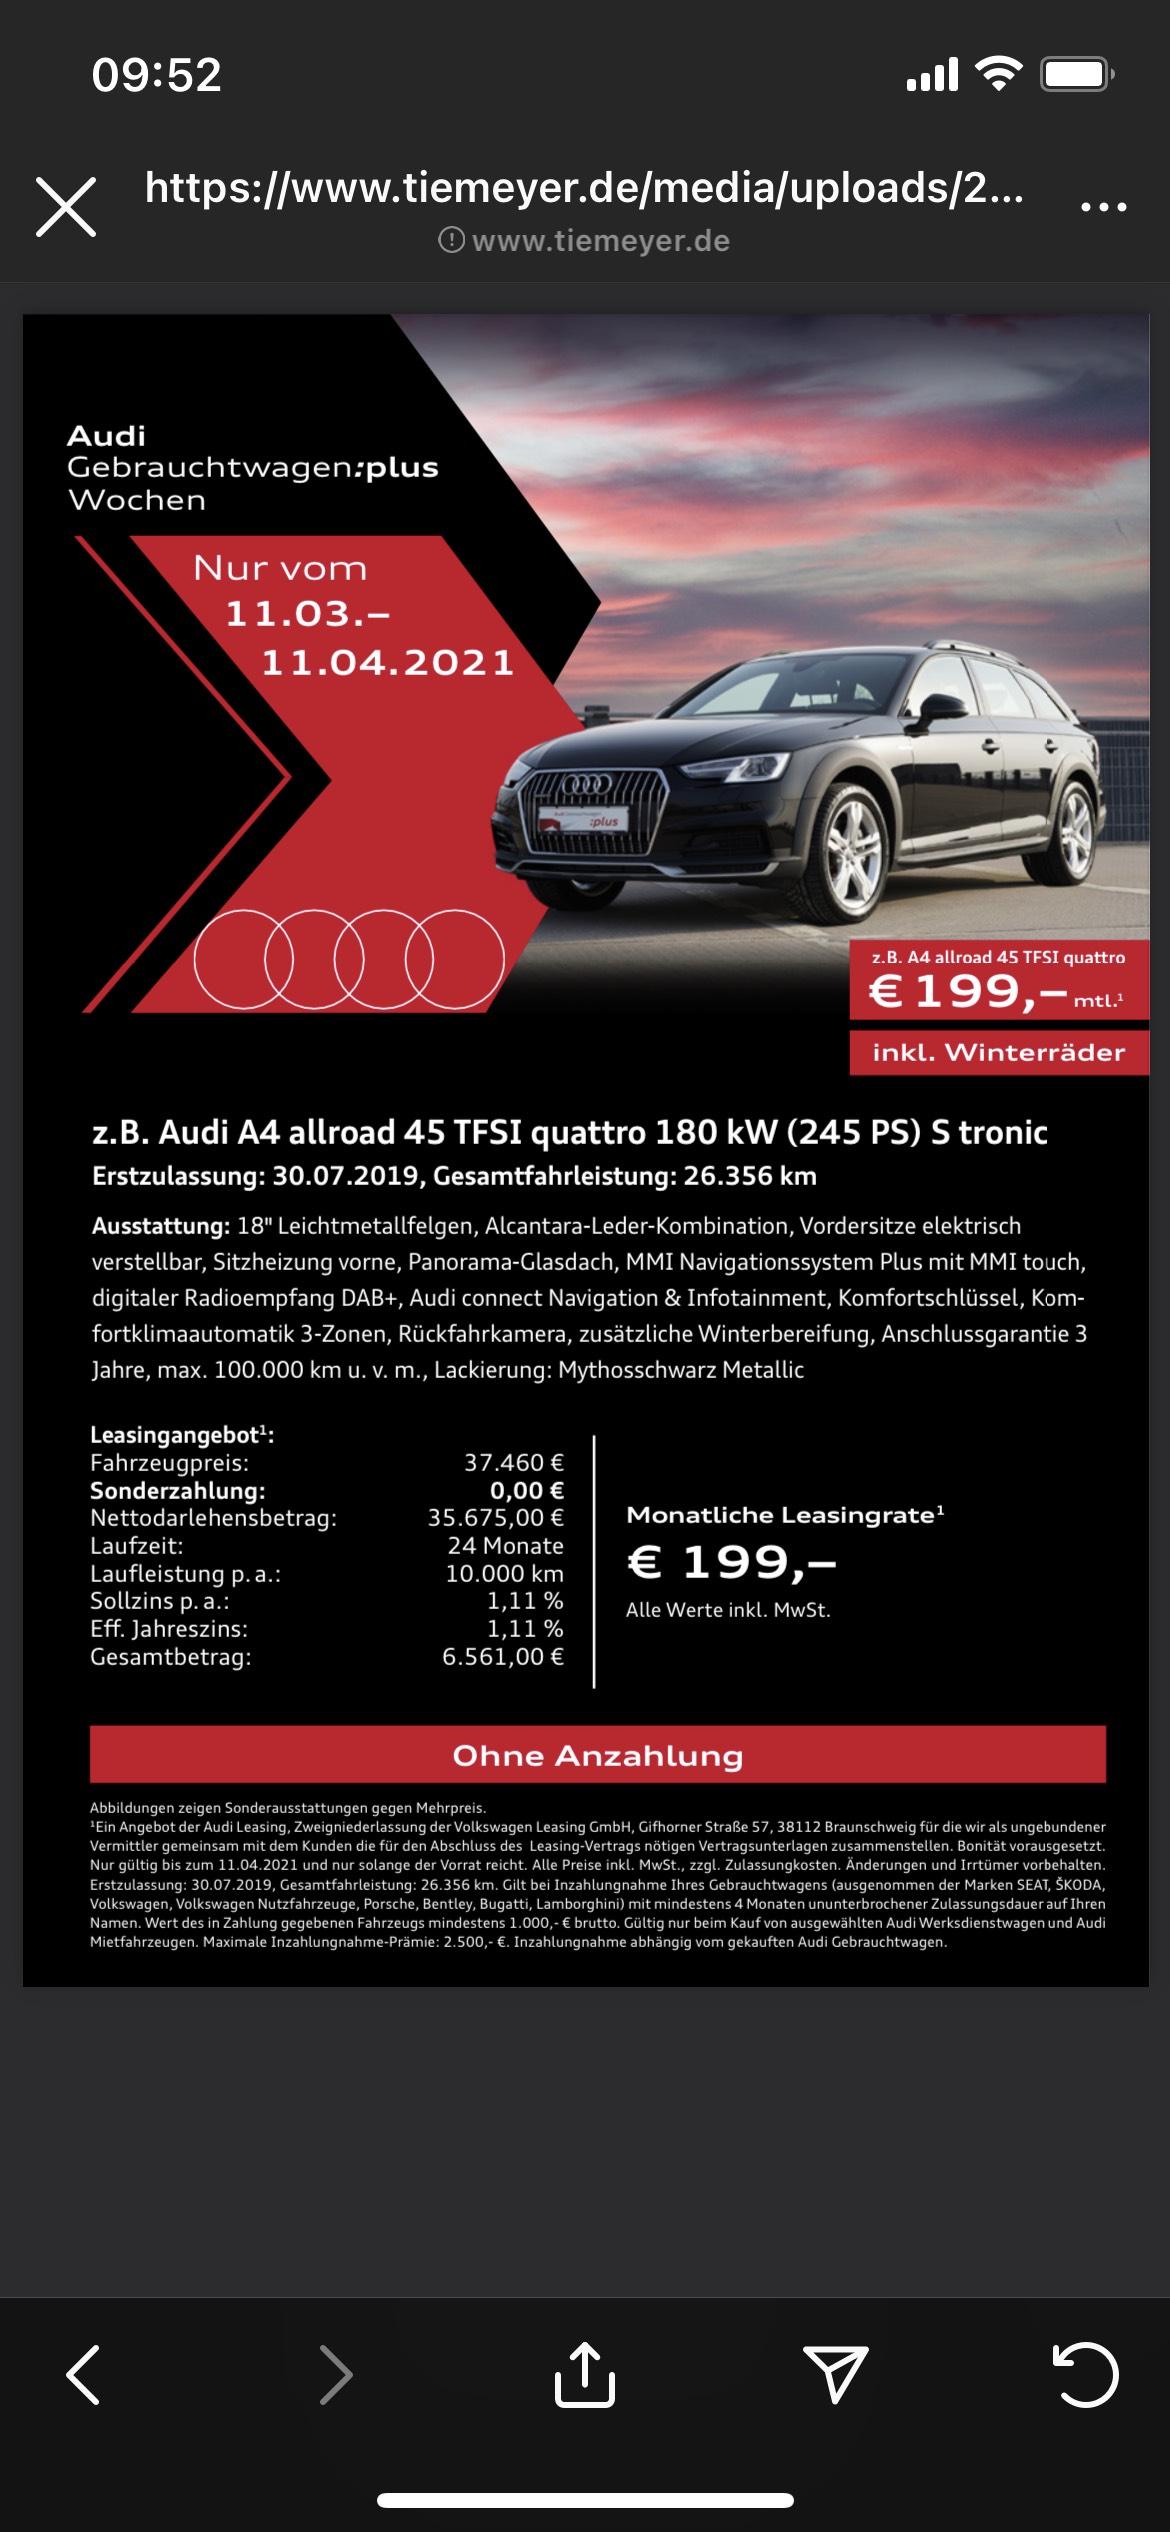 Audi A4 Leasing privat 199€